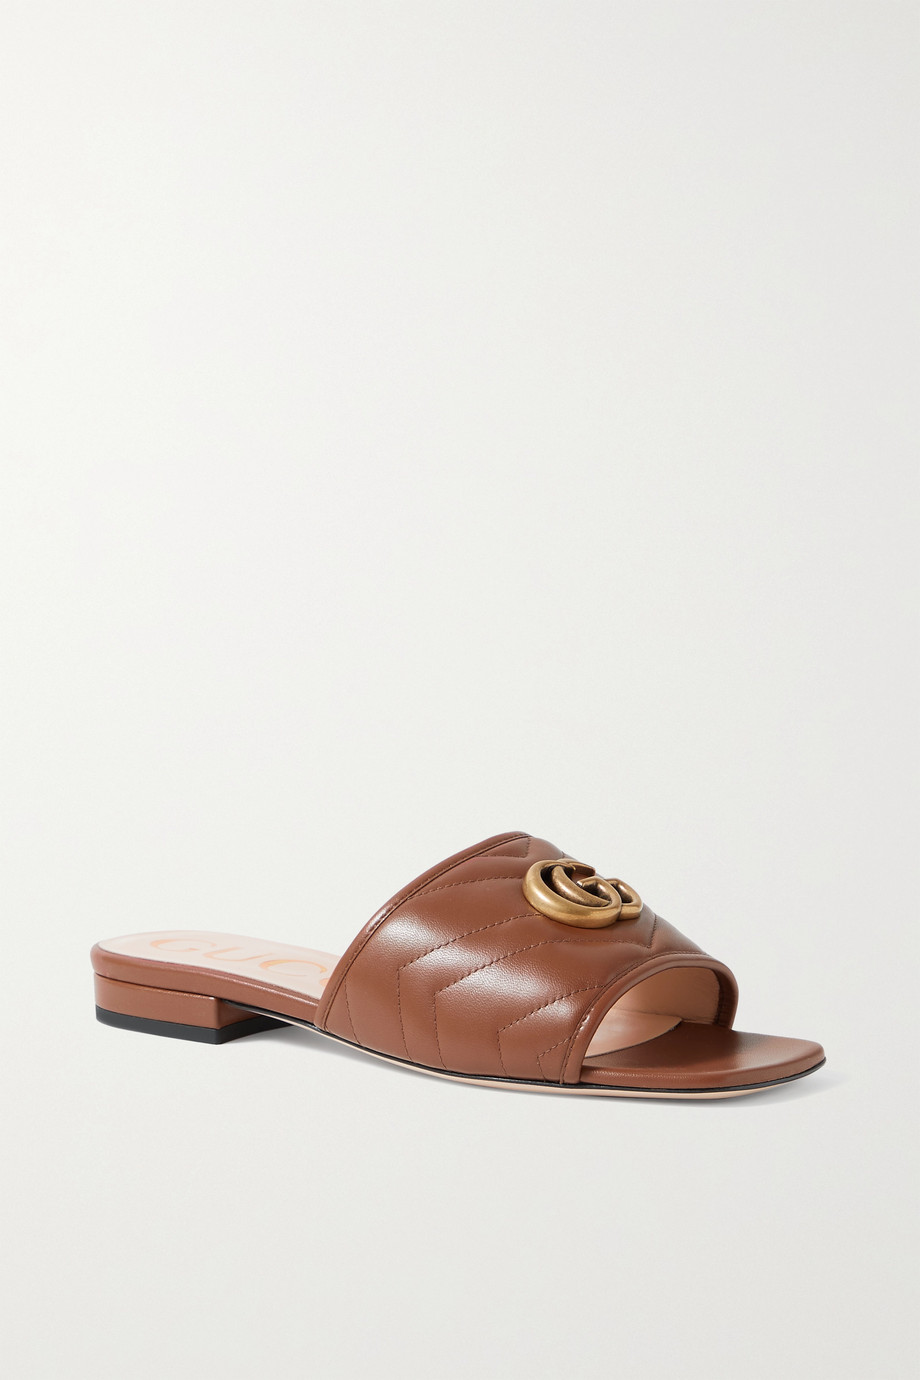 Gucci Jolie logo-embellished quilted leather slides